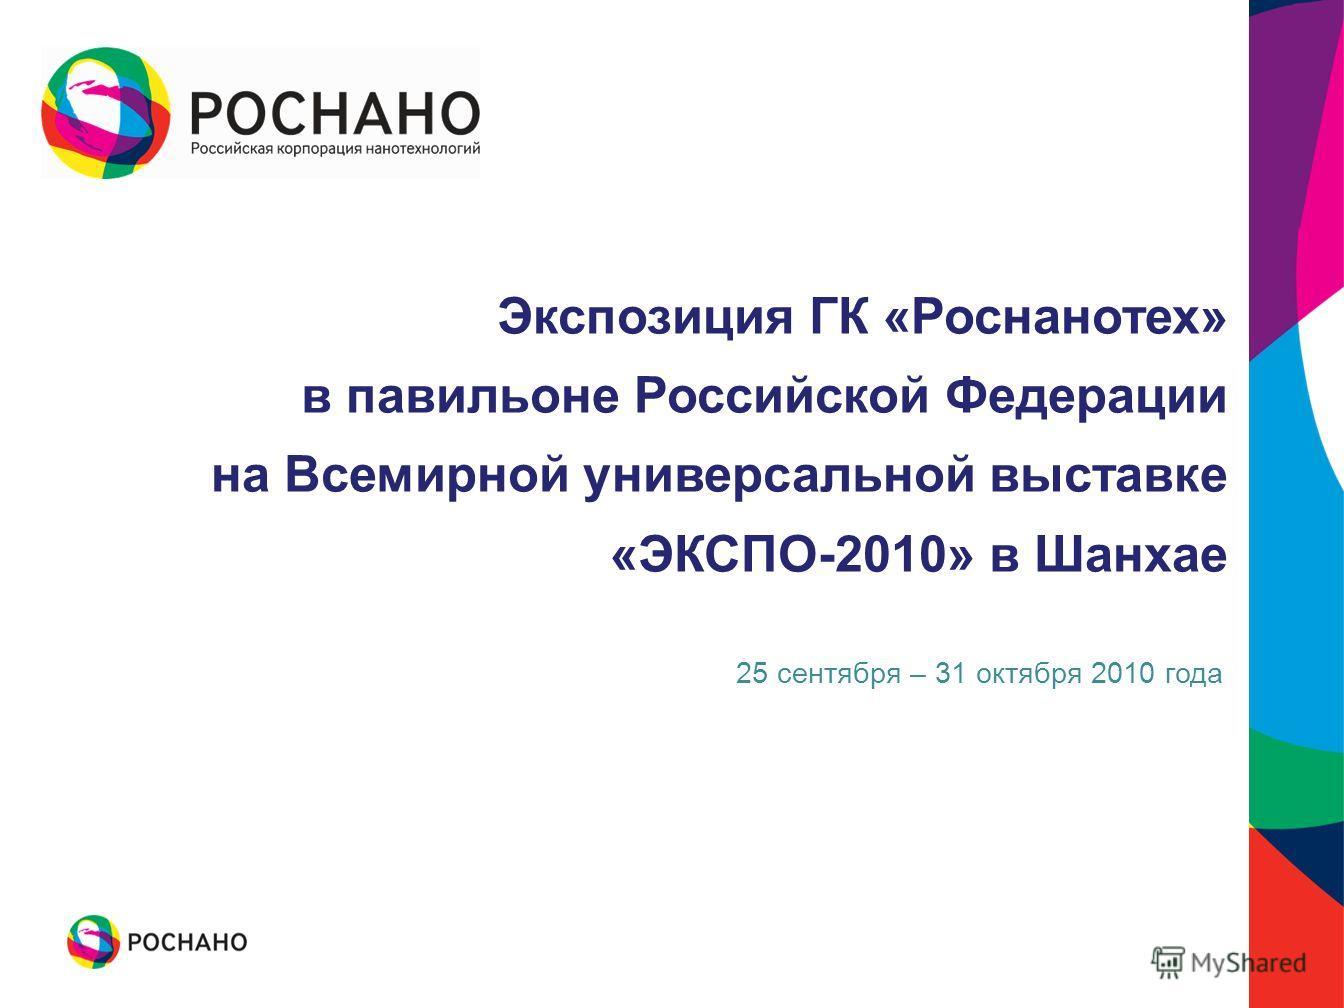 Экспозиция ГК «Роснанотех» в павильоне Российской Федерации на Всемирной универсальной выставке «ЭКСПО-2010» в Шанхае 25 сентября – 31 октября 2010 года